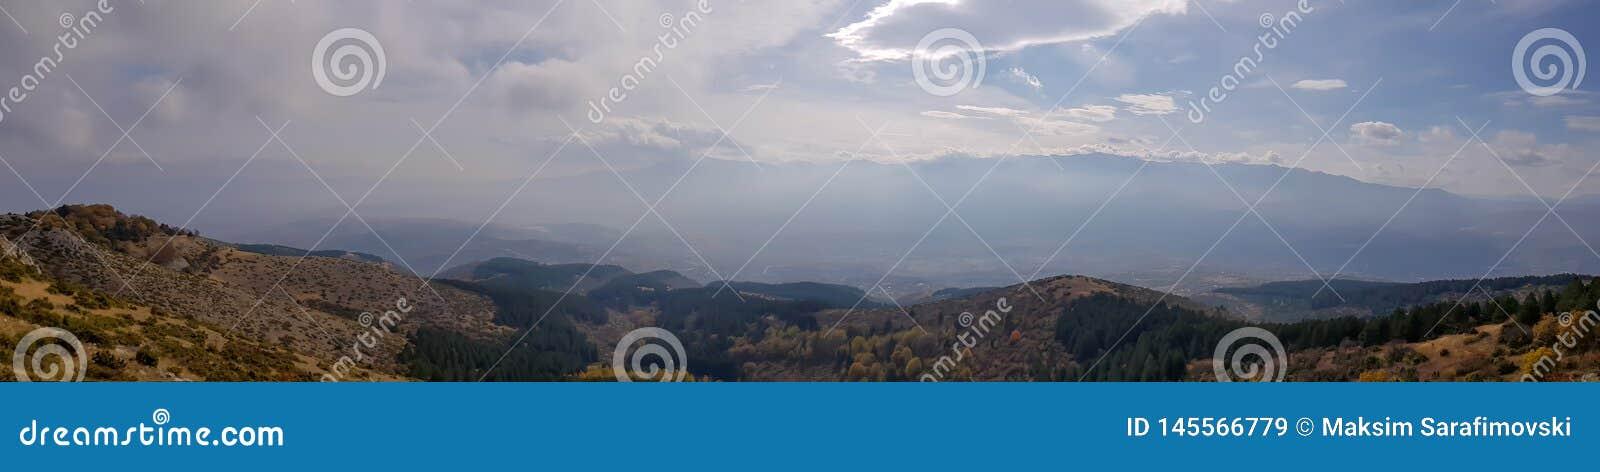 Μια φωτογραφία της σκιαγραφίας βουνών με την ομίχλη και την ηλιοφάνεια